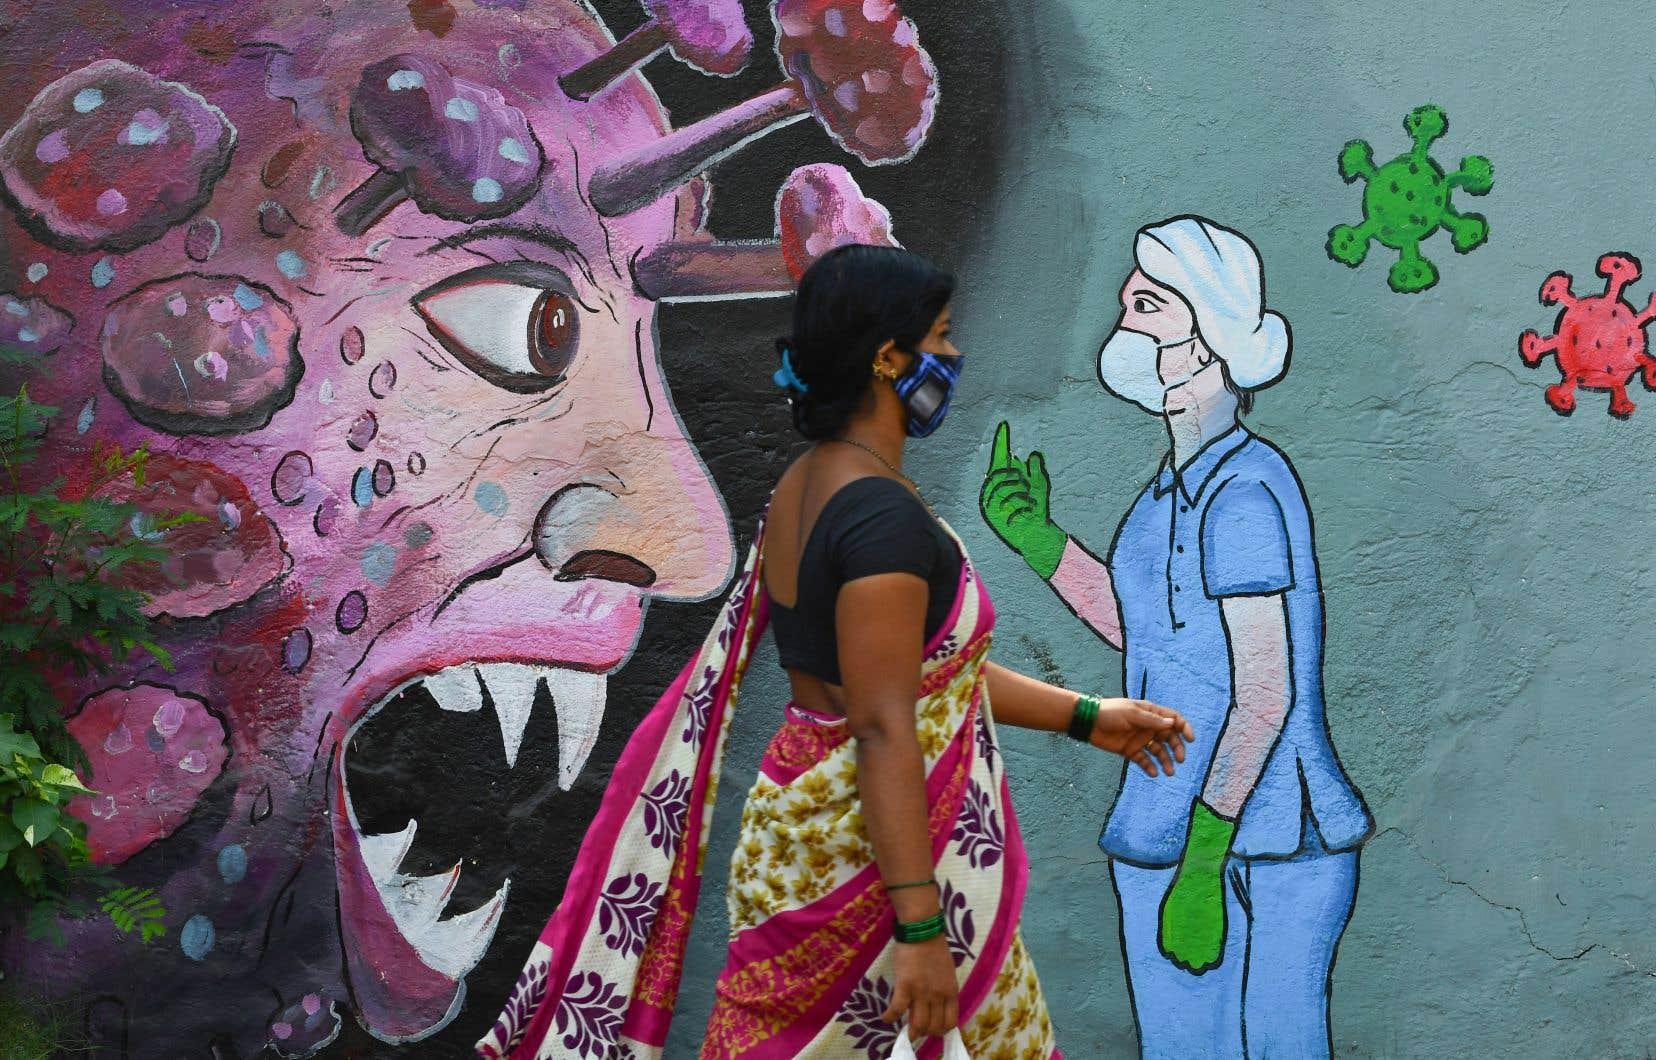 Les registres étant mal tenus en temps normal, de nombreux experts estiment que le nombre de morts en Inde est largement supérieur au décompte officiel, soit plus d'un million de décès, le plus élevé au monde.